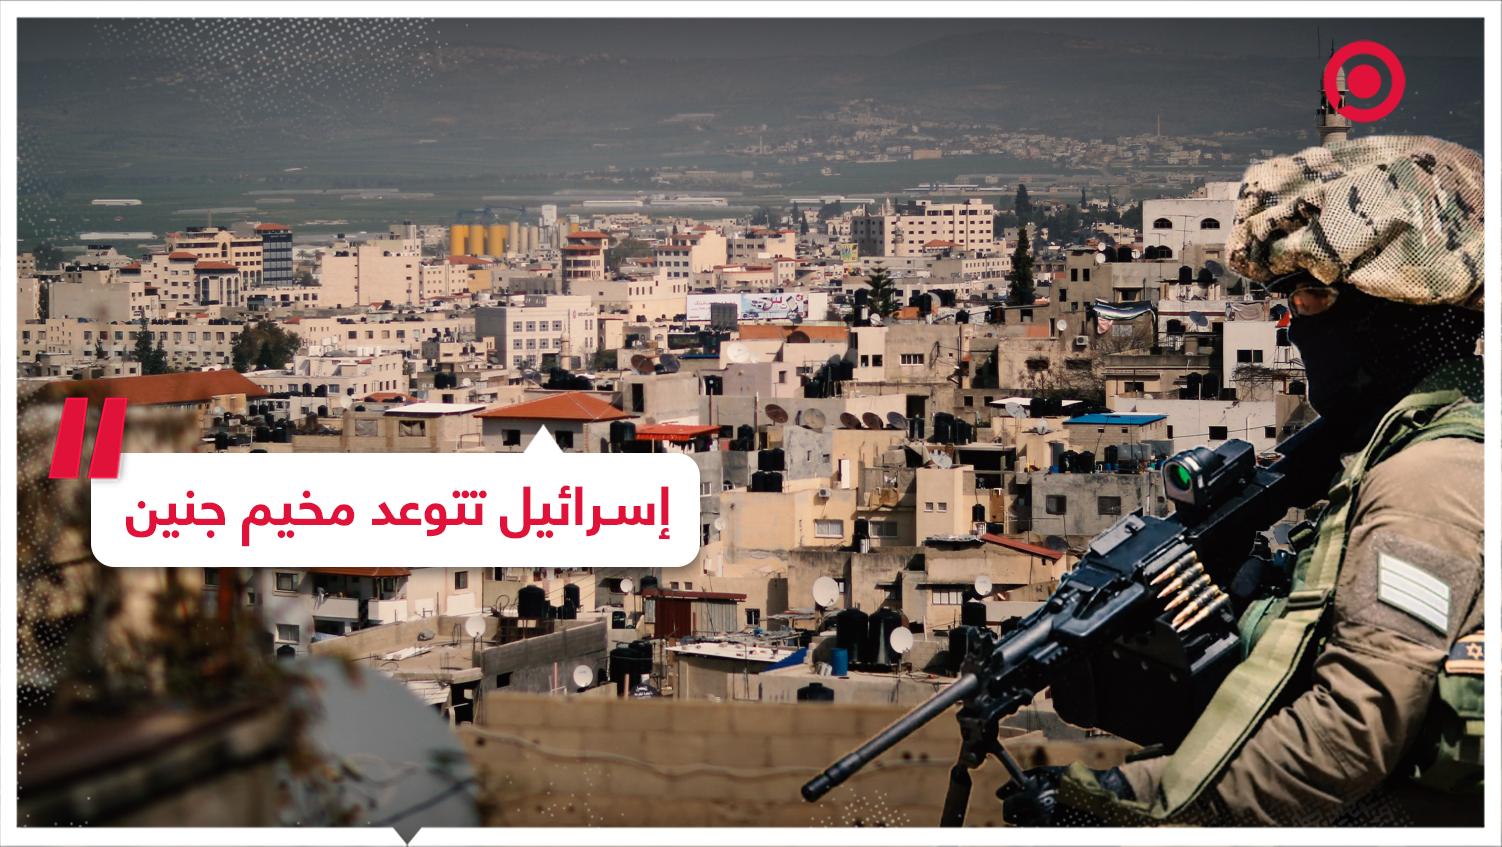 مخيم جنين - إسرائيل - الأسرى - جلبوع